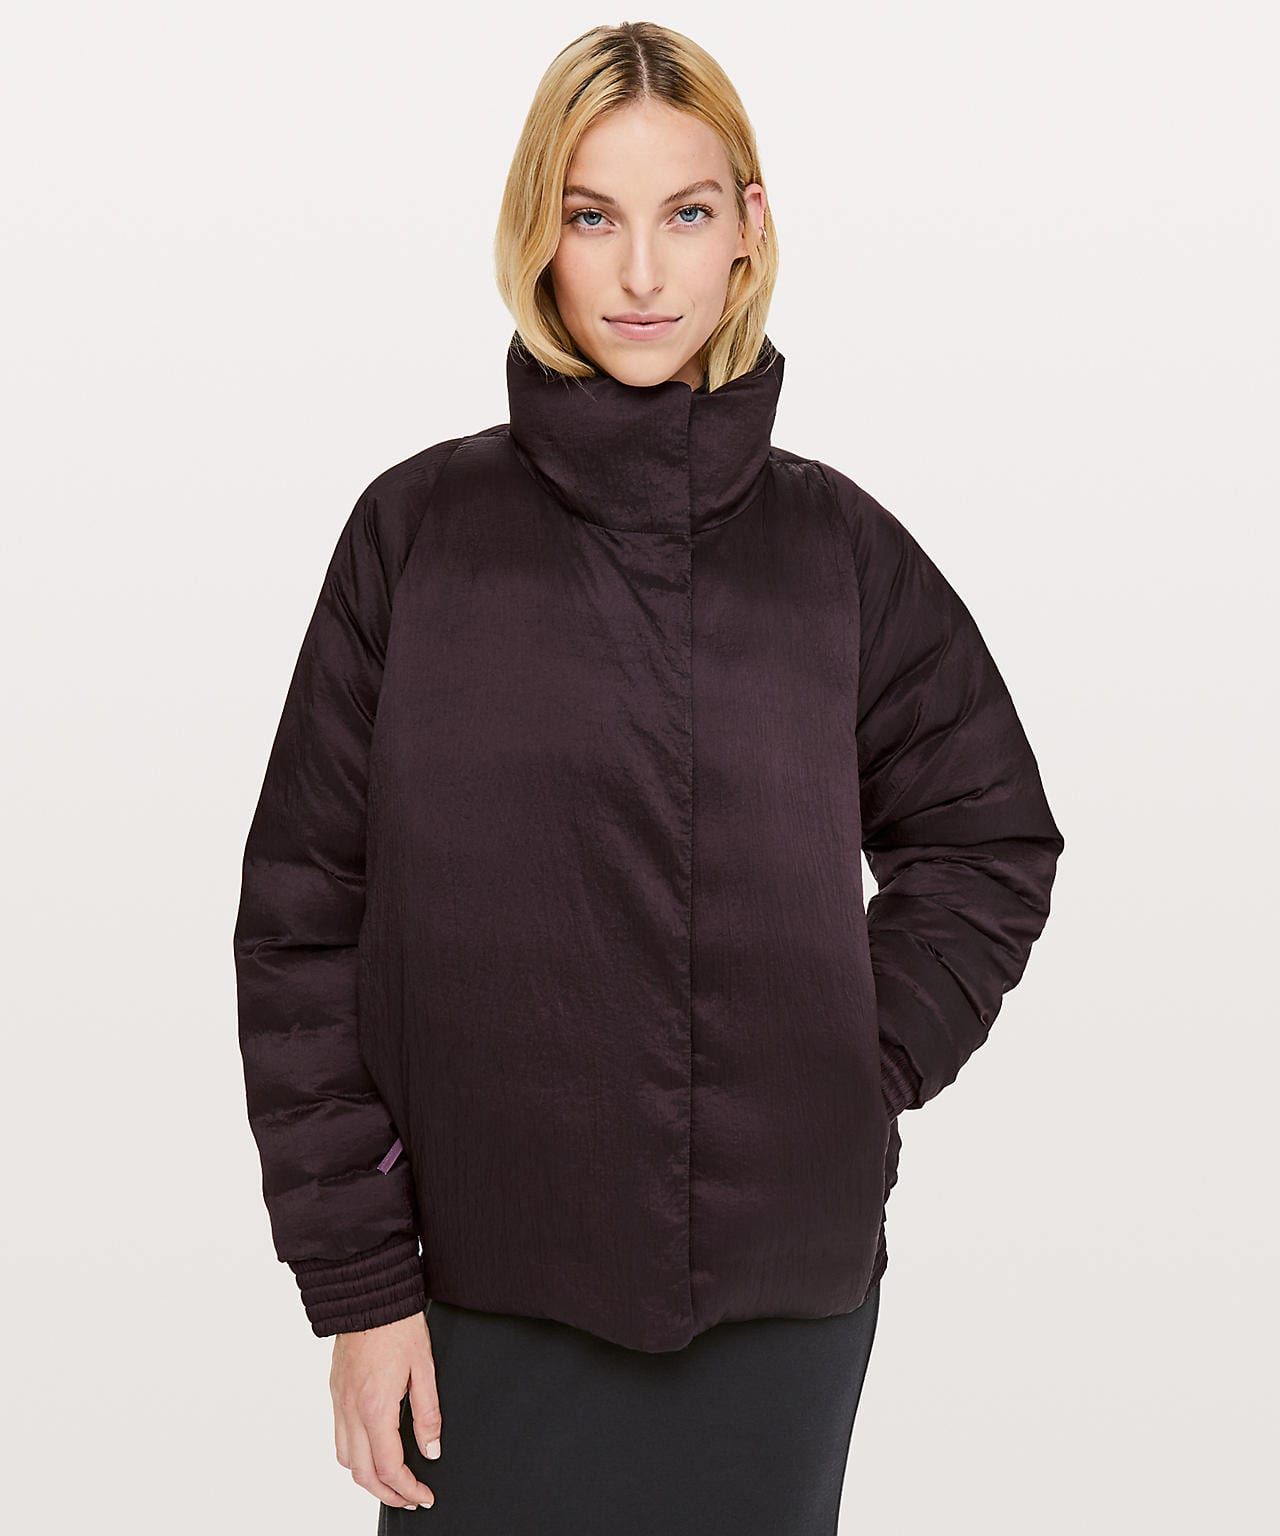 Aura Jacket